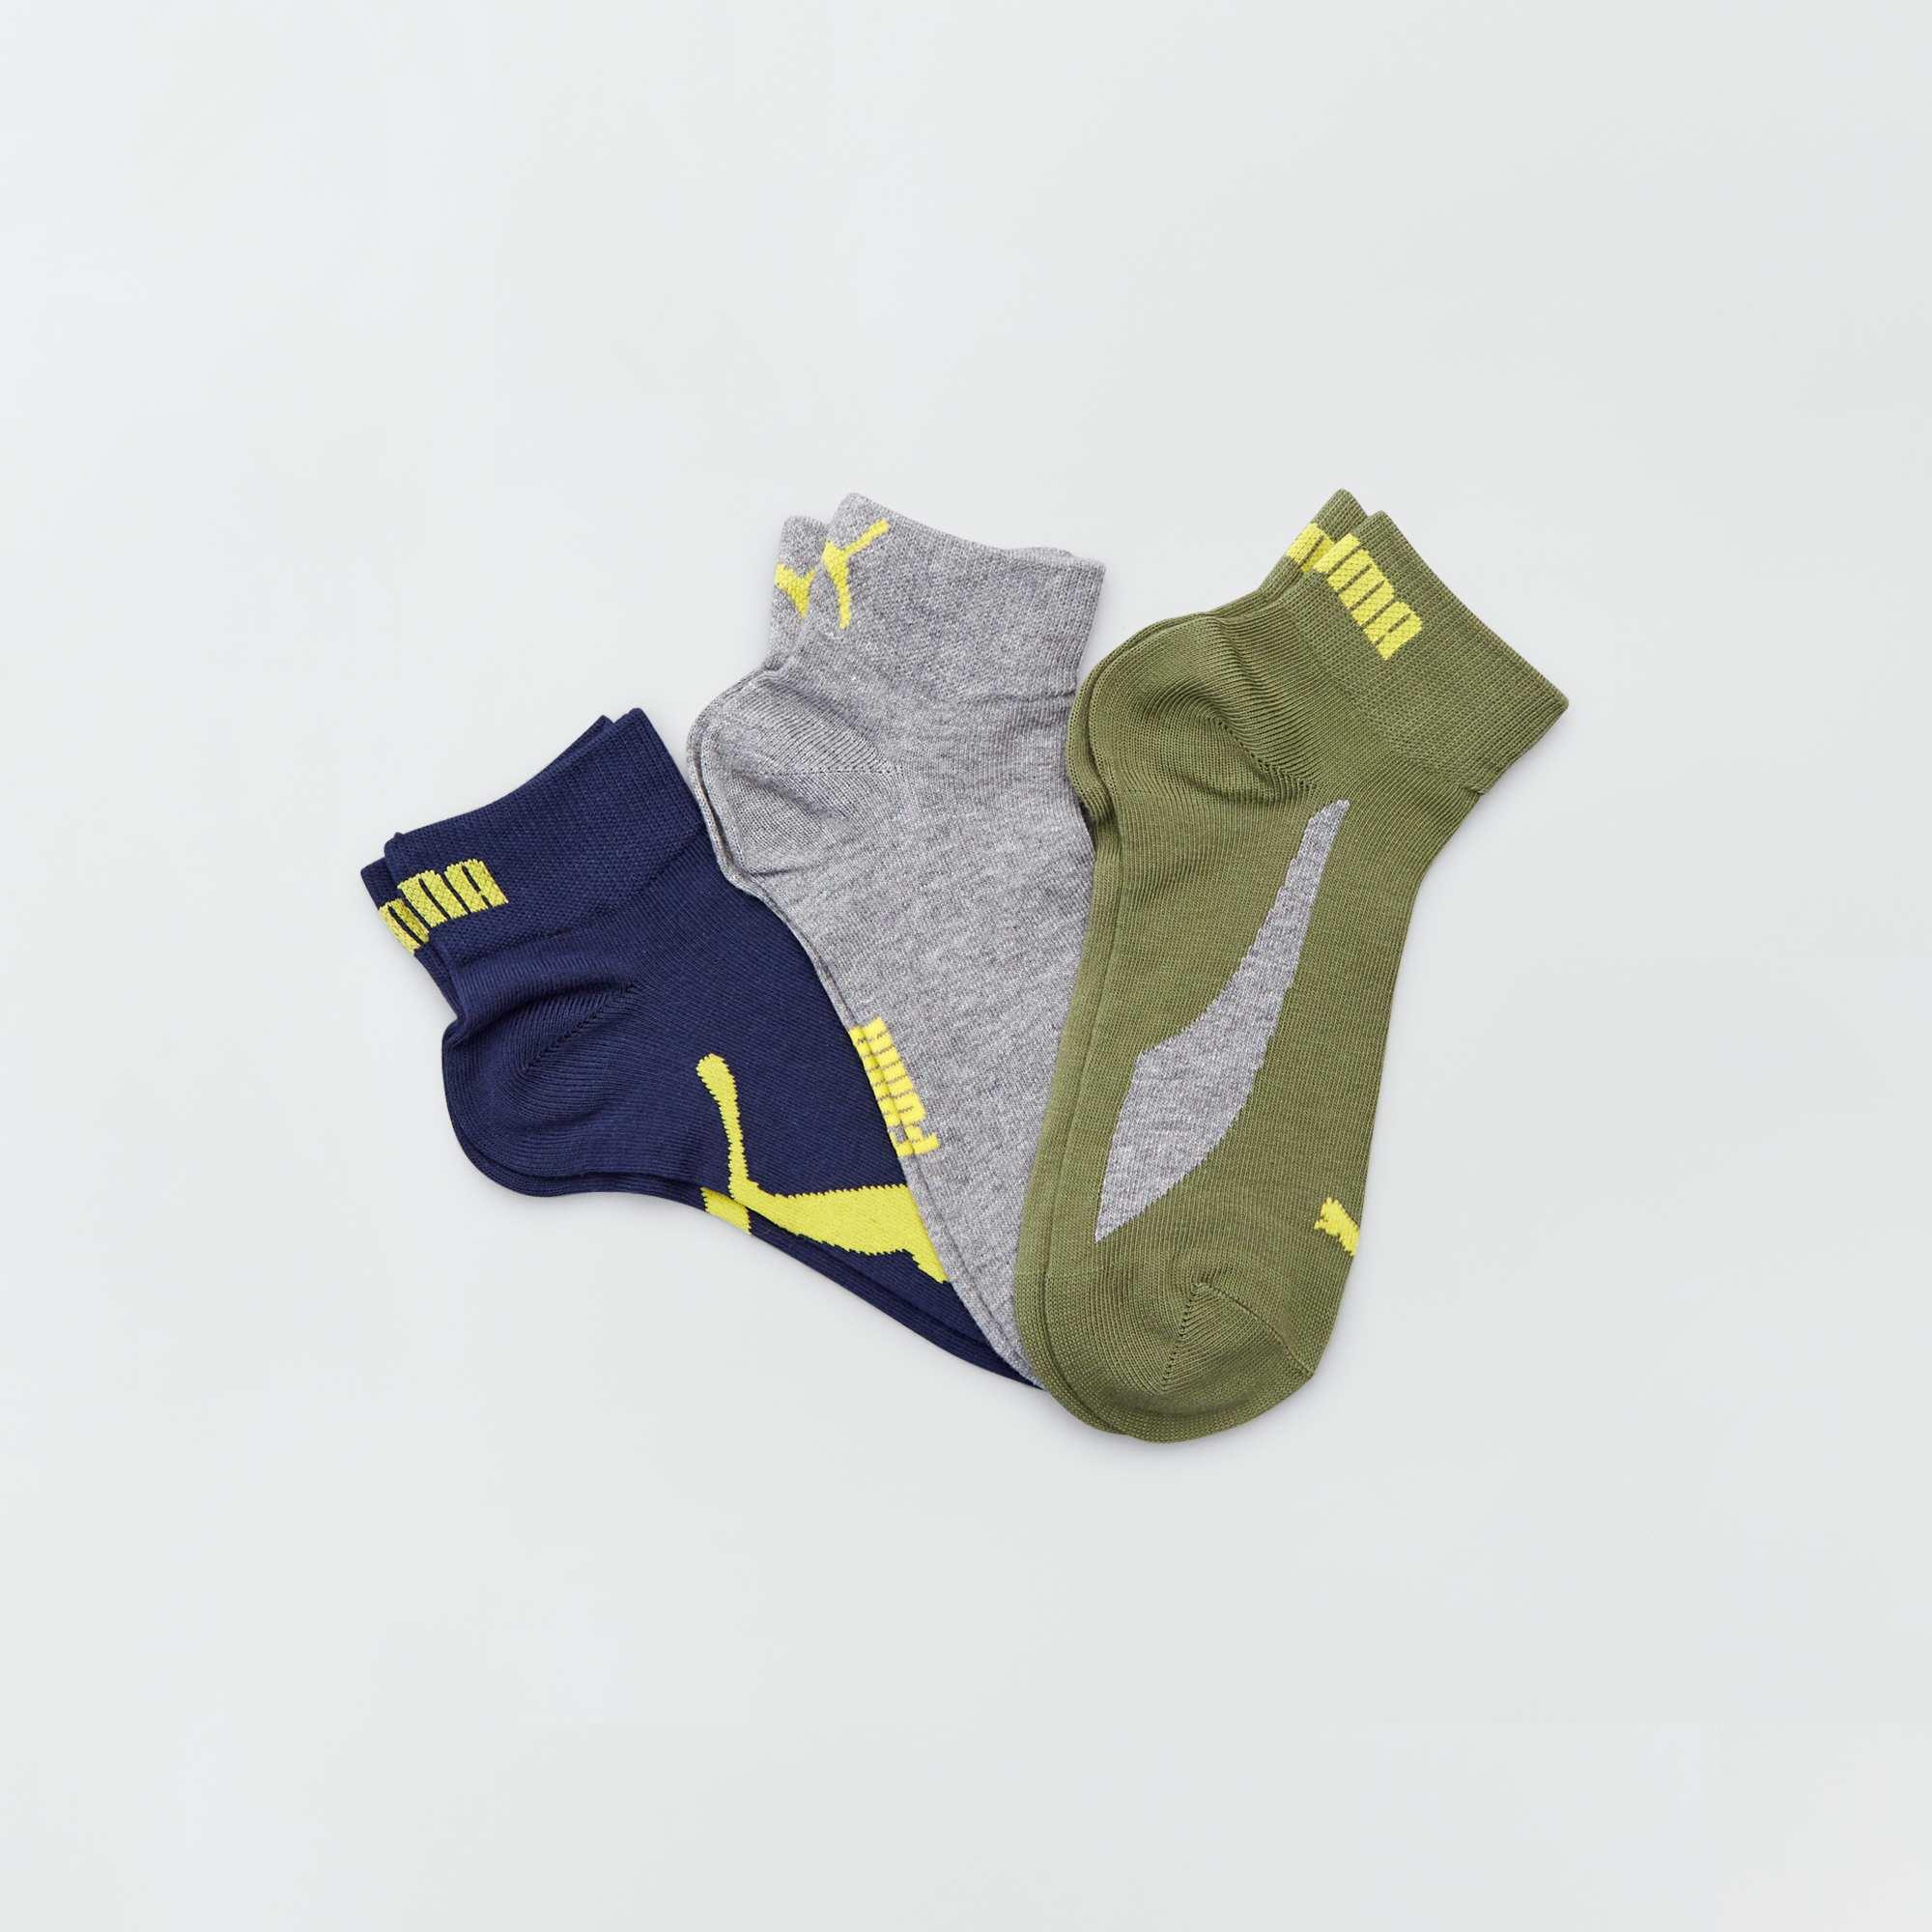 21930042ee Lot de 3 paires de chaussettes basses 'Puma' Homme - kaki/gr/bleu ...